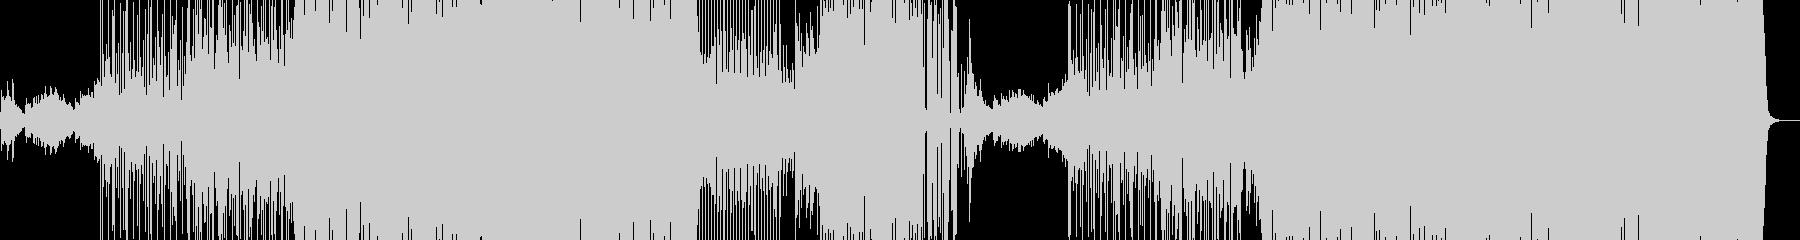 サルサっぽいピアノのラテンダンスBGMの未再生の波形